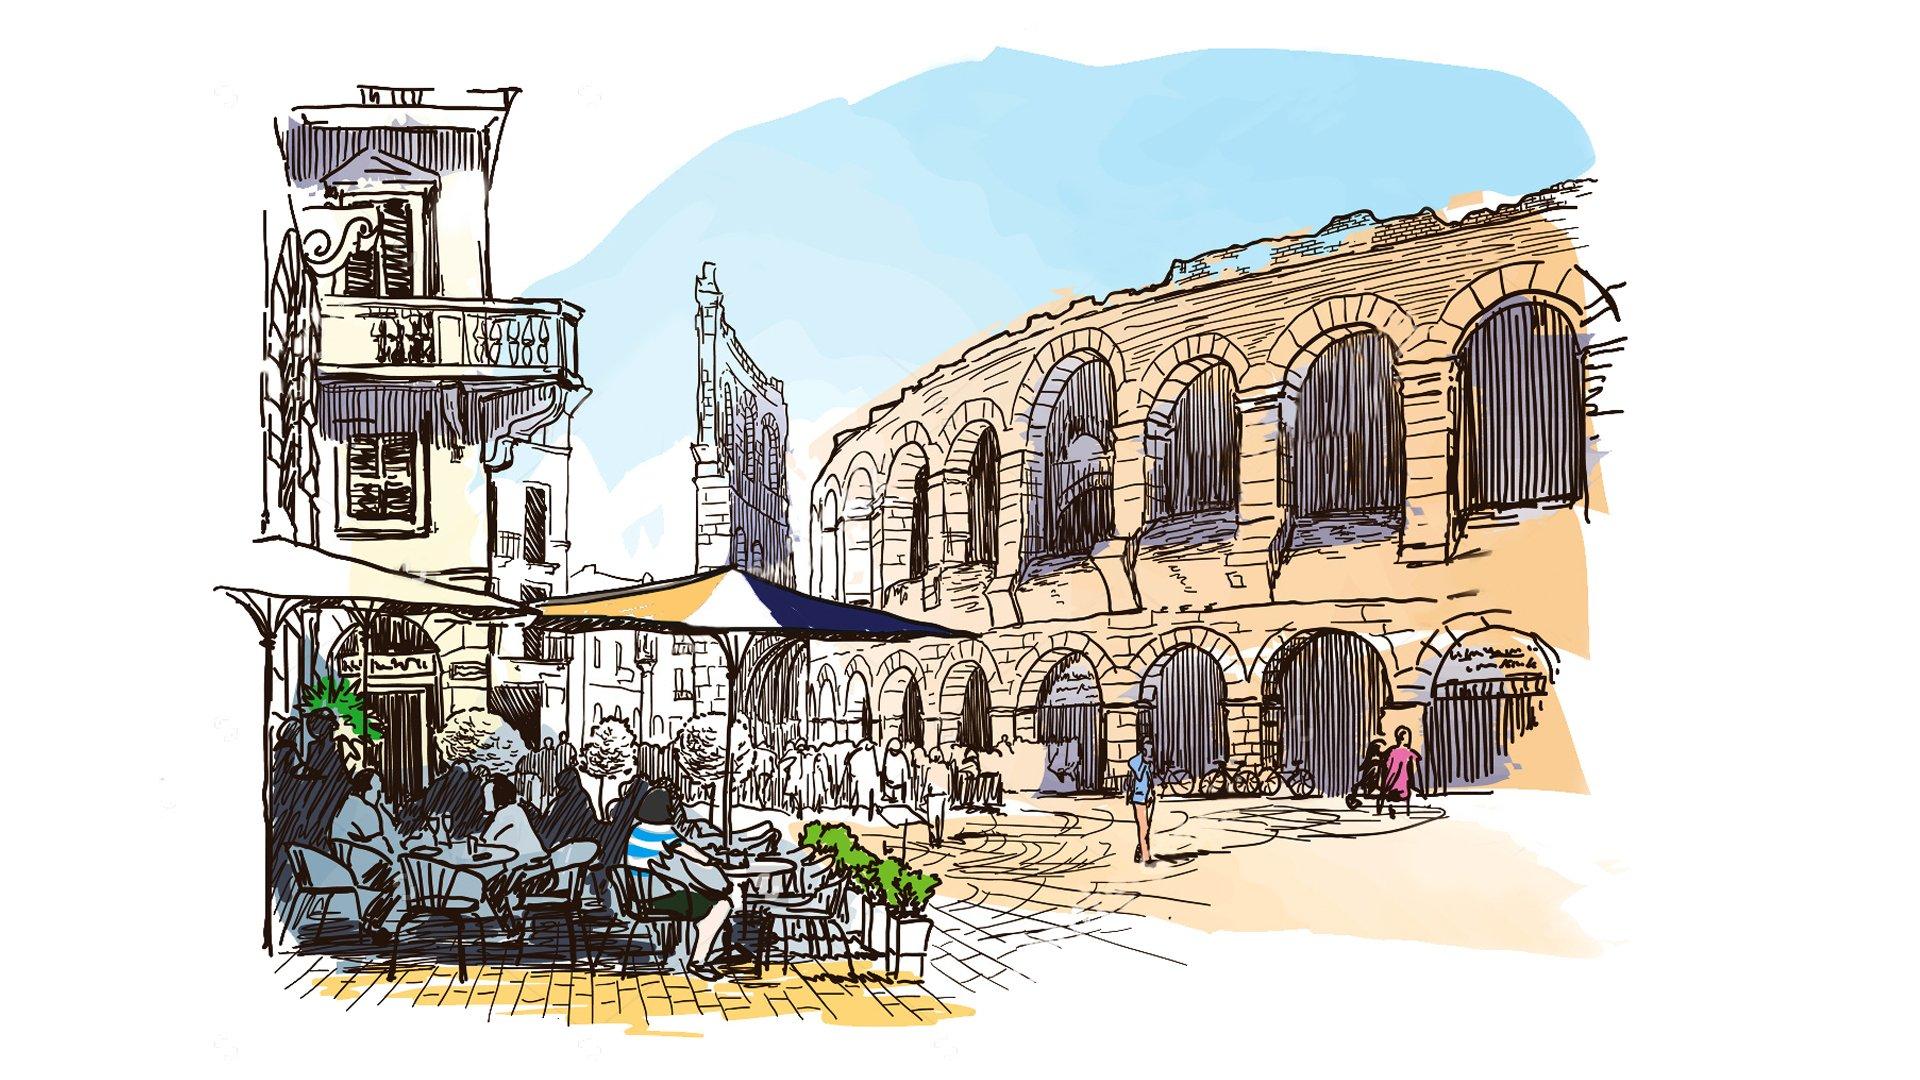 Liste a supporto dei candidati sindaco di Verona